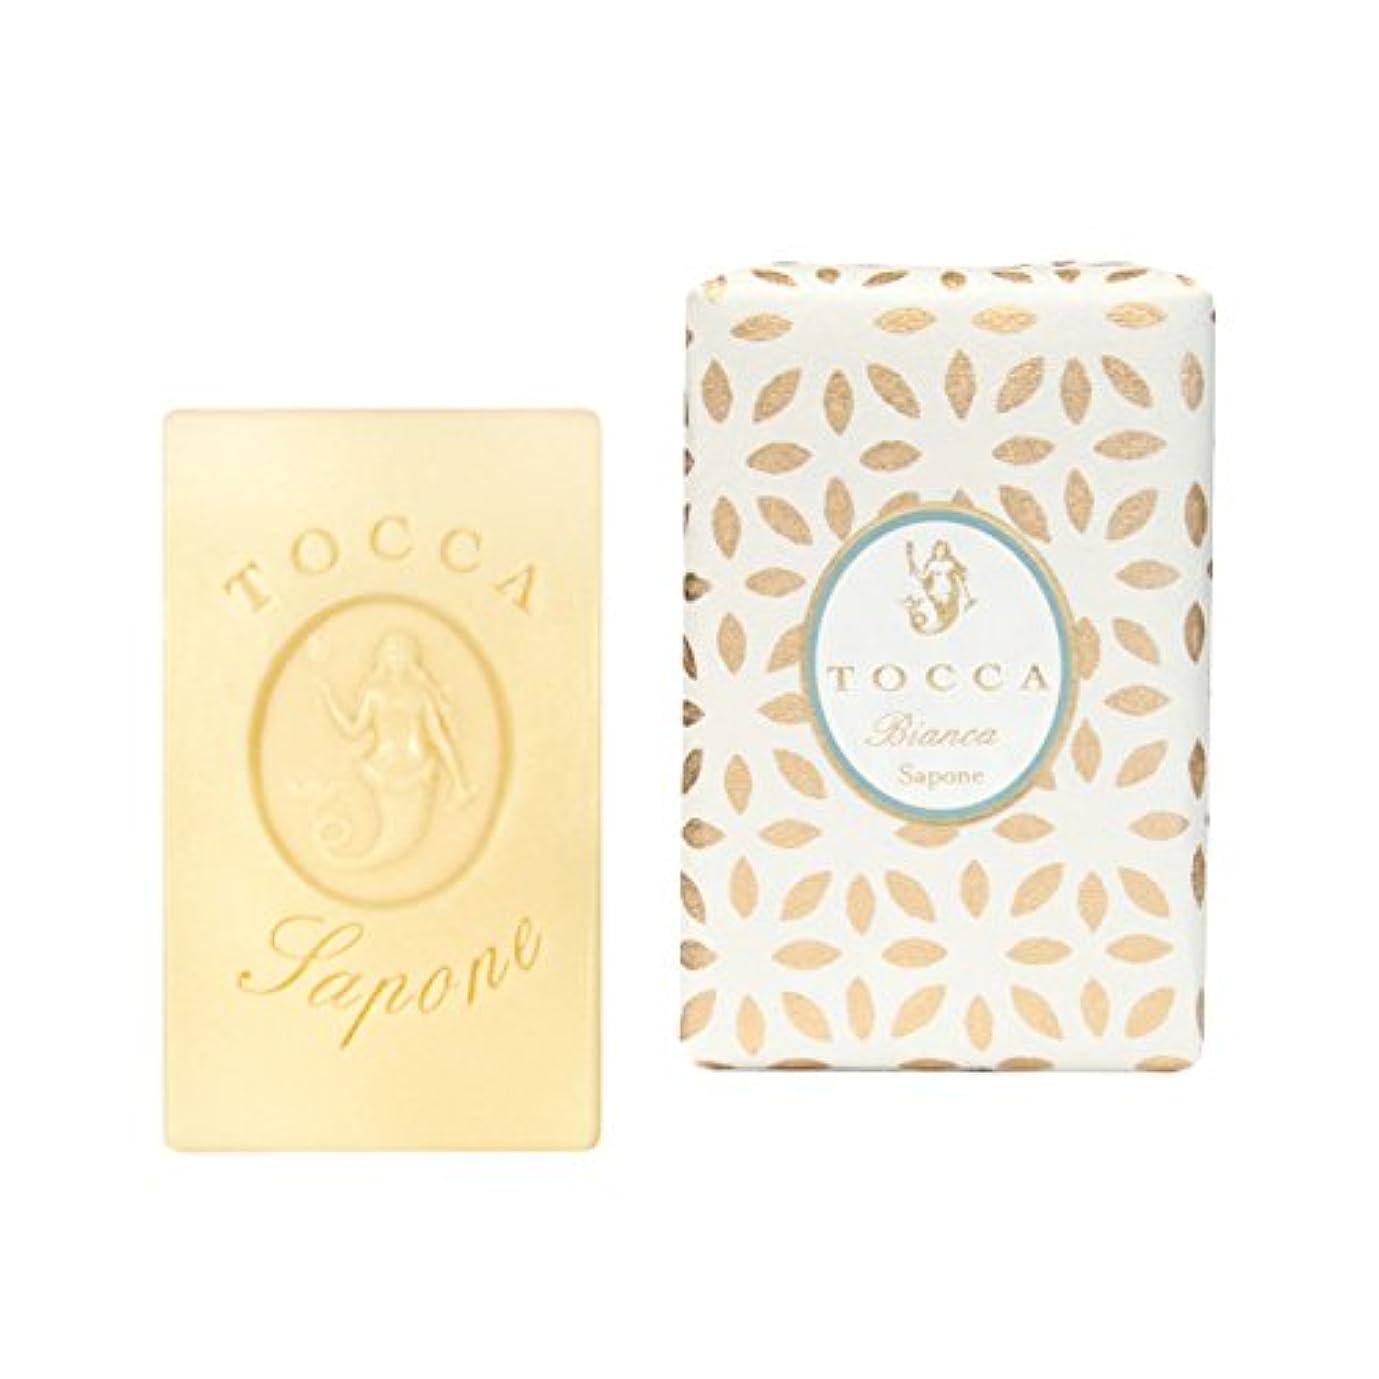 印をつけるメニュー丘トッカ(TOCCA) ソープバー ビアンカの香り 113g(化粧石けん シトラスとグリーンティー、ローズが絶妙に溶け合ったほのかに甘さ漂うフレッシュな香り)